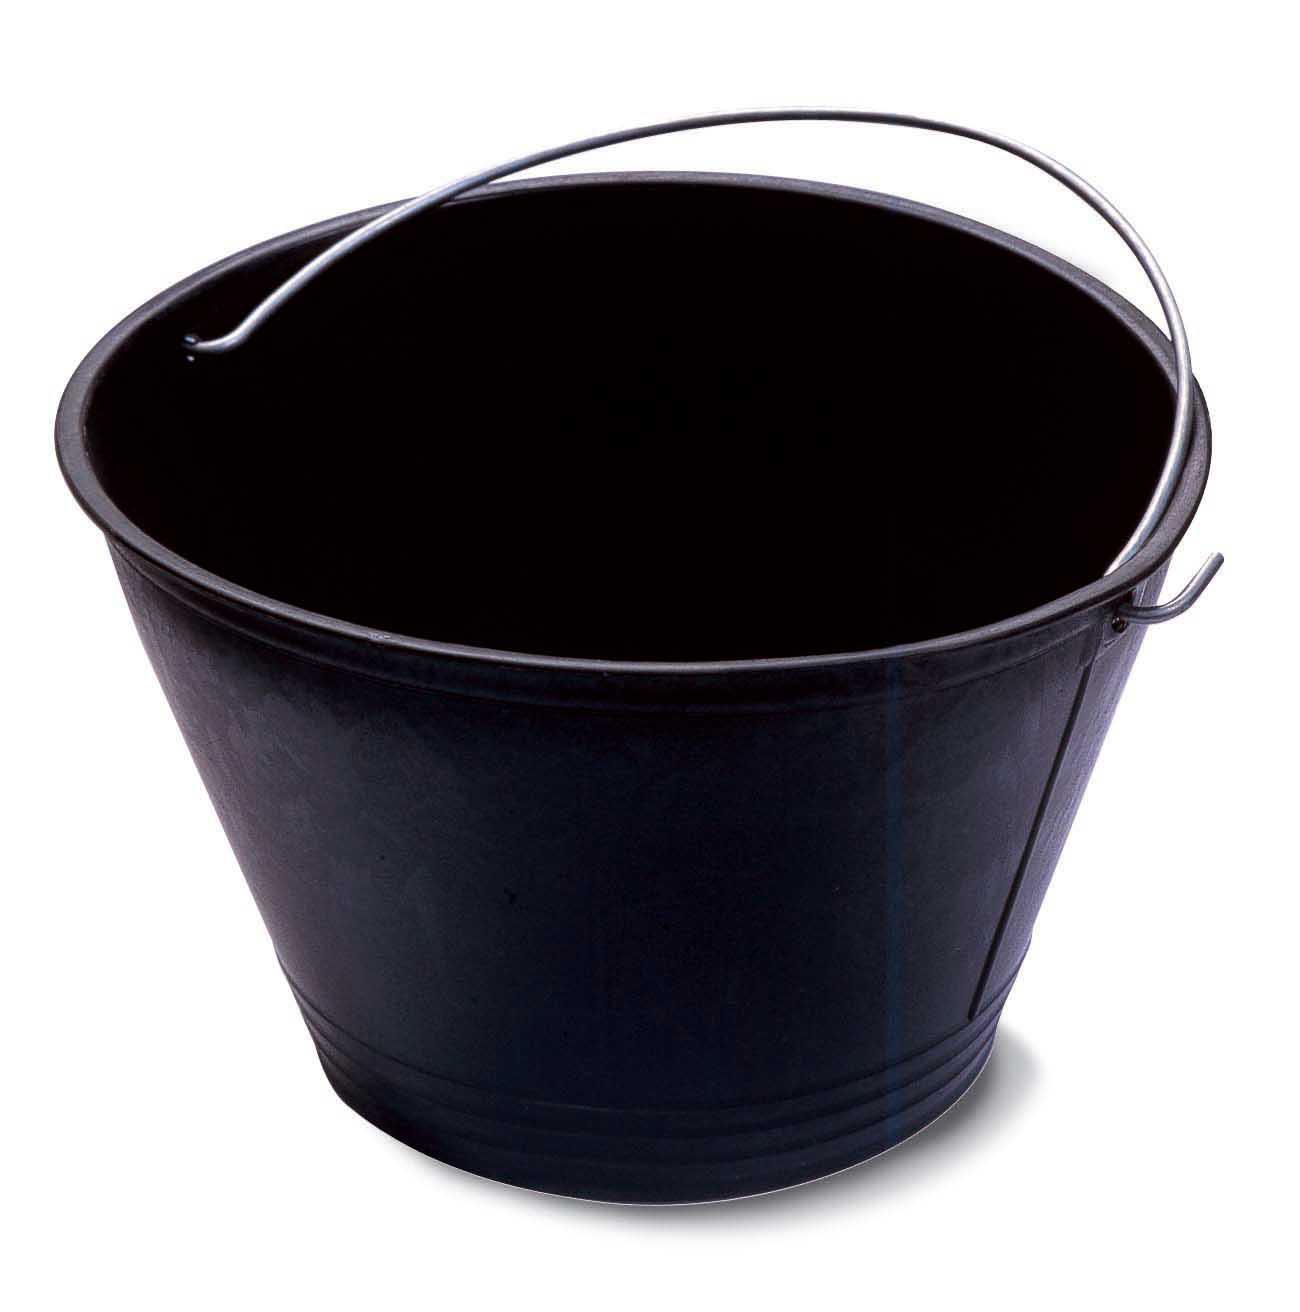 Mistral 114190 secchio in plastica nero